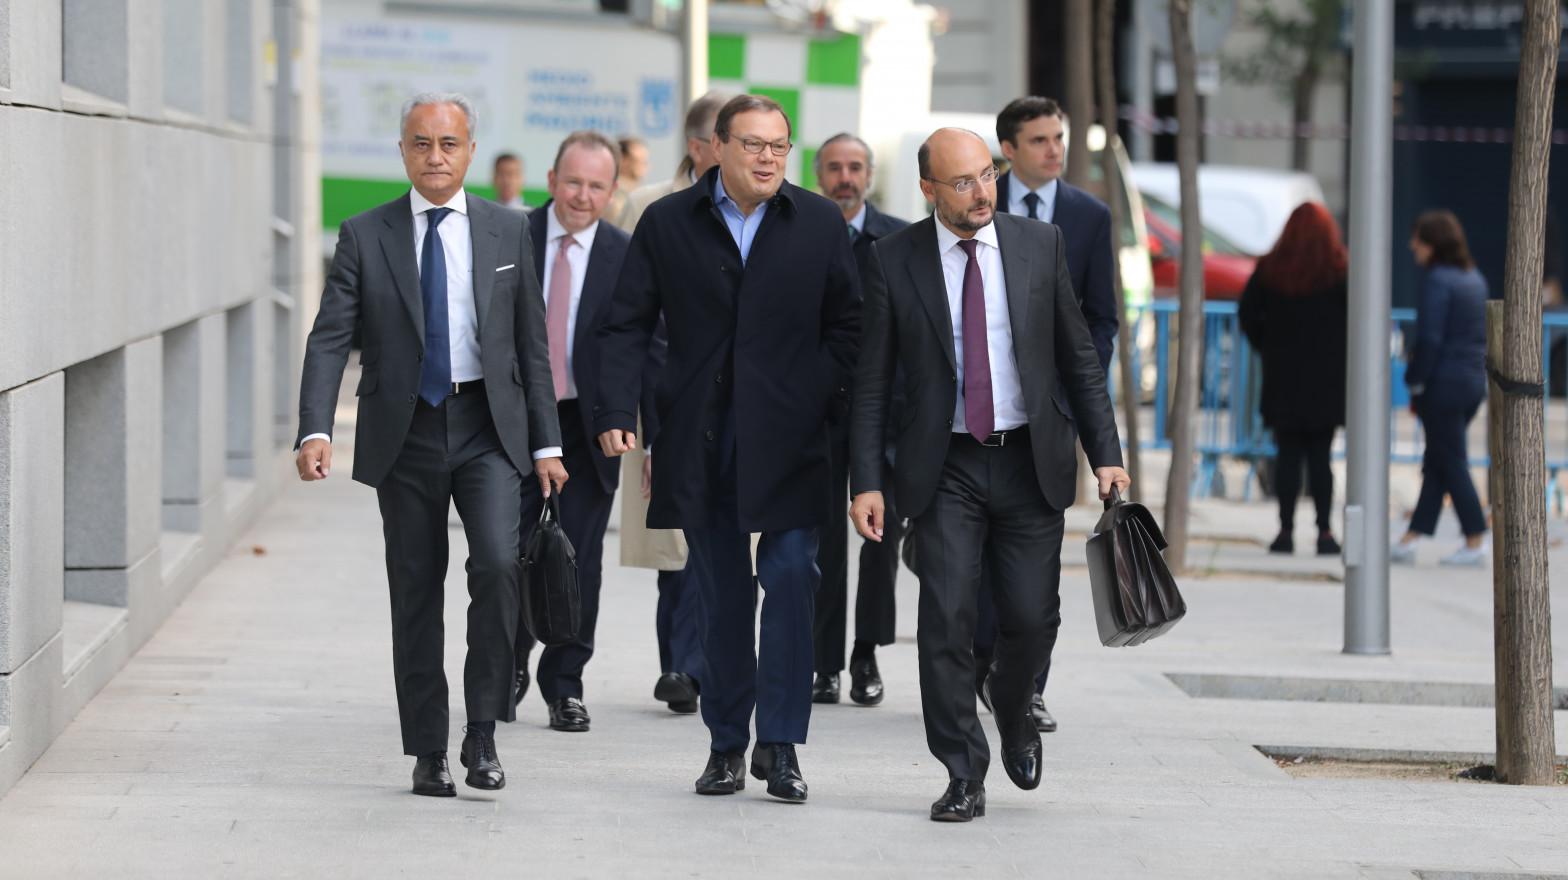 El juez García Castellón confirma el archivo de la causa para Mikhail Fridman por la quiebra de Zed